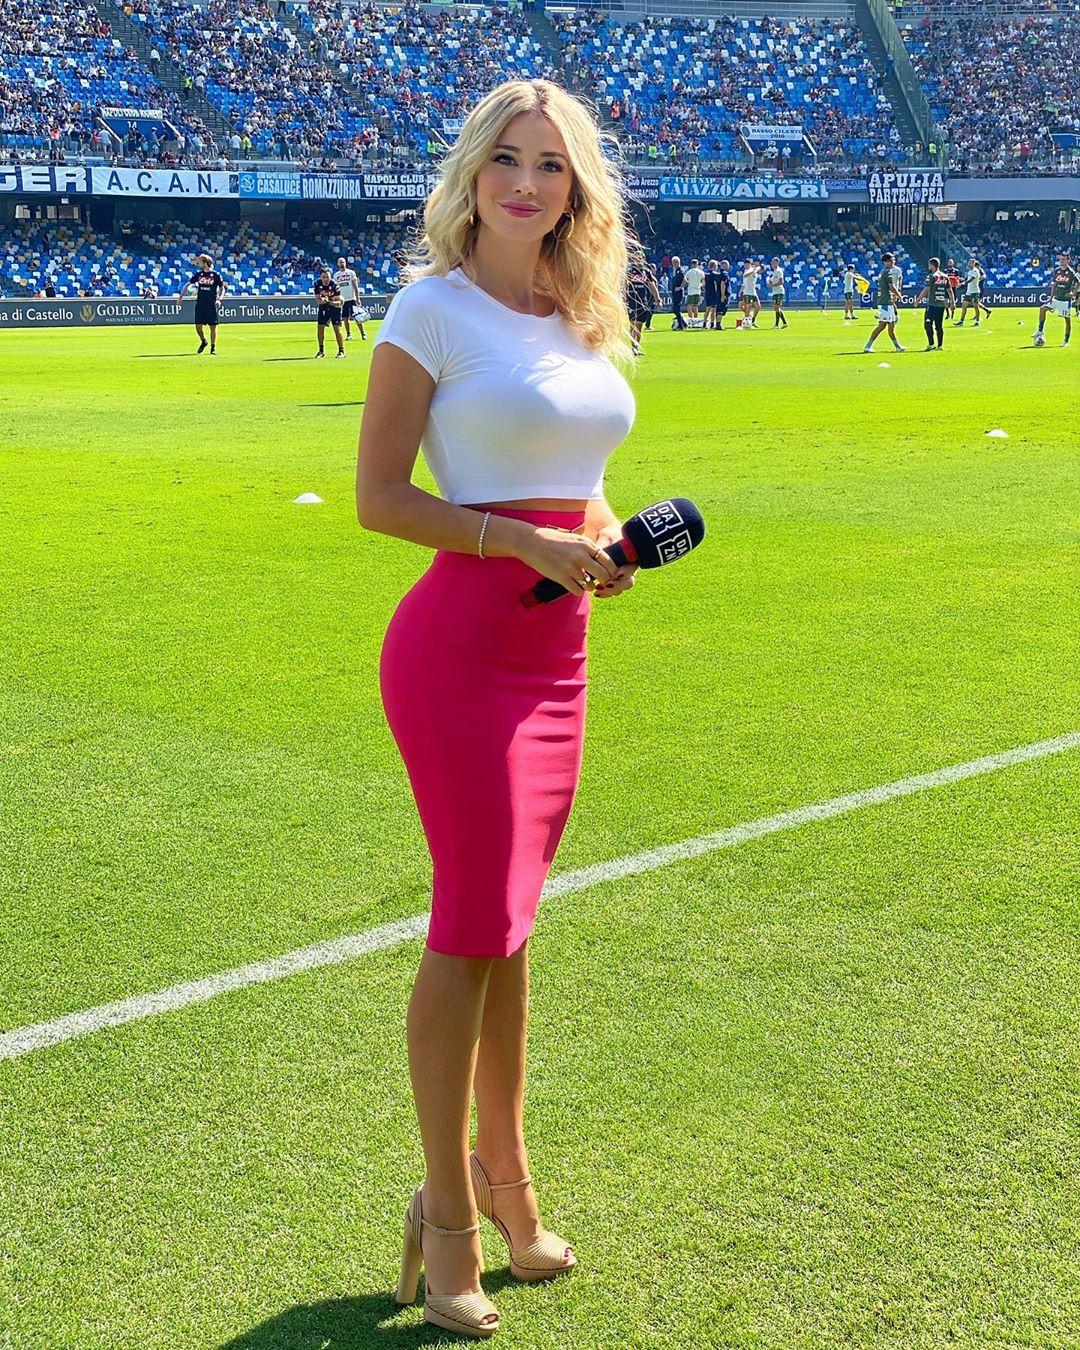 Diletta Leotta in the field